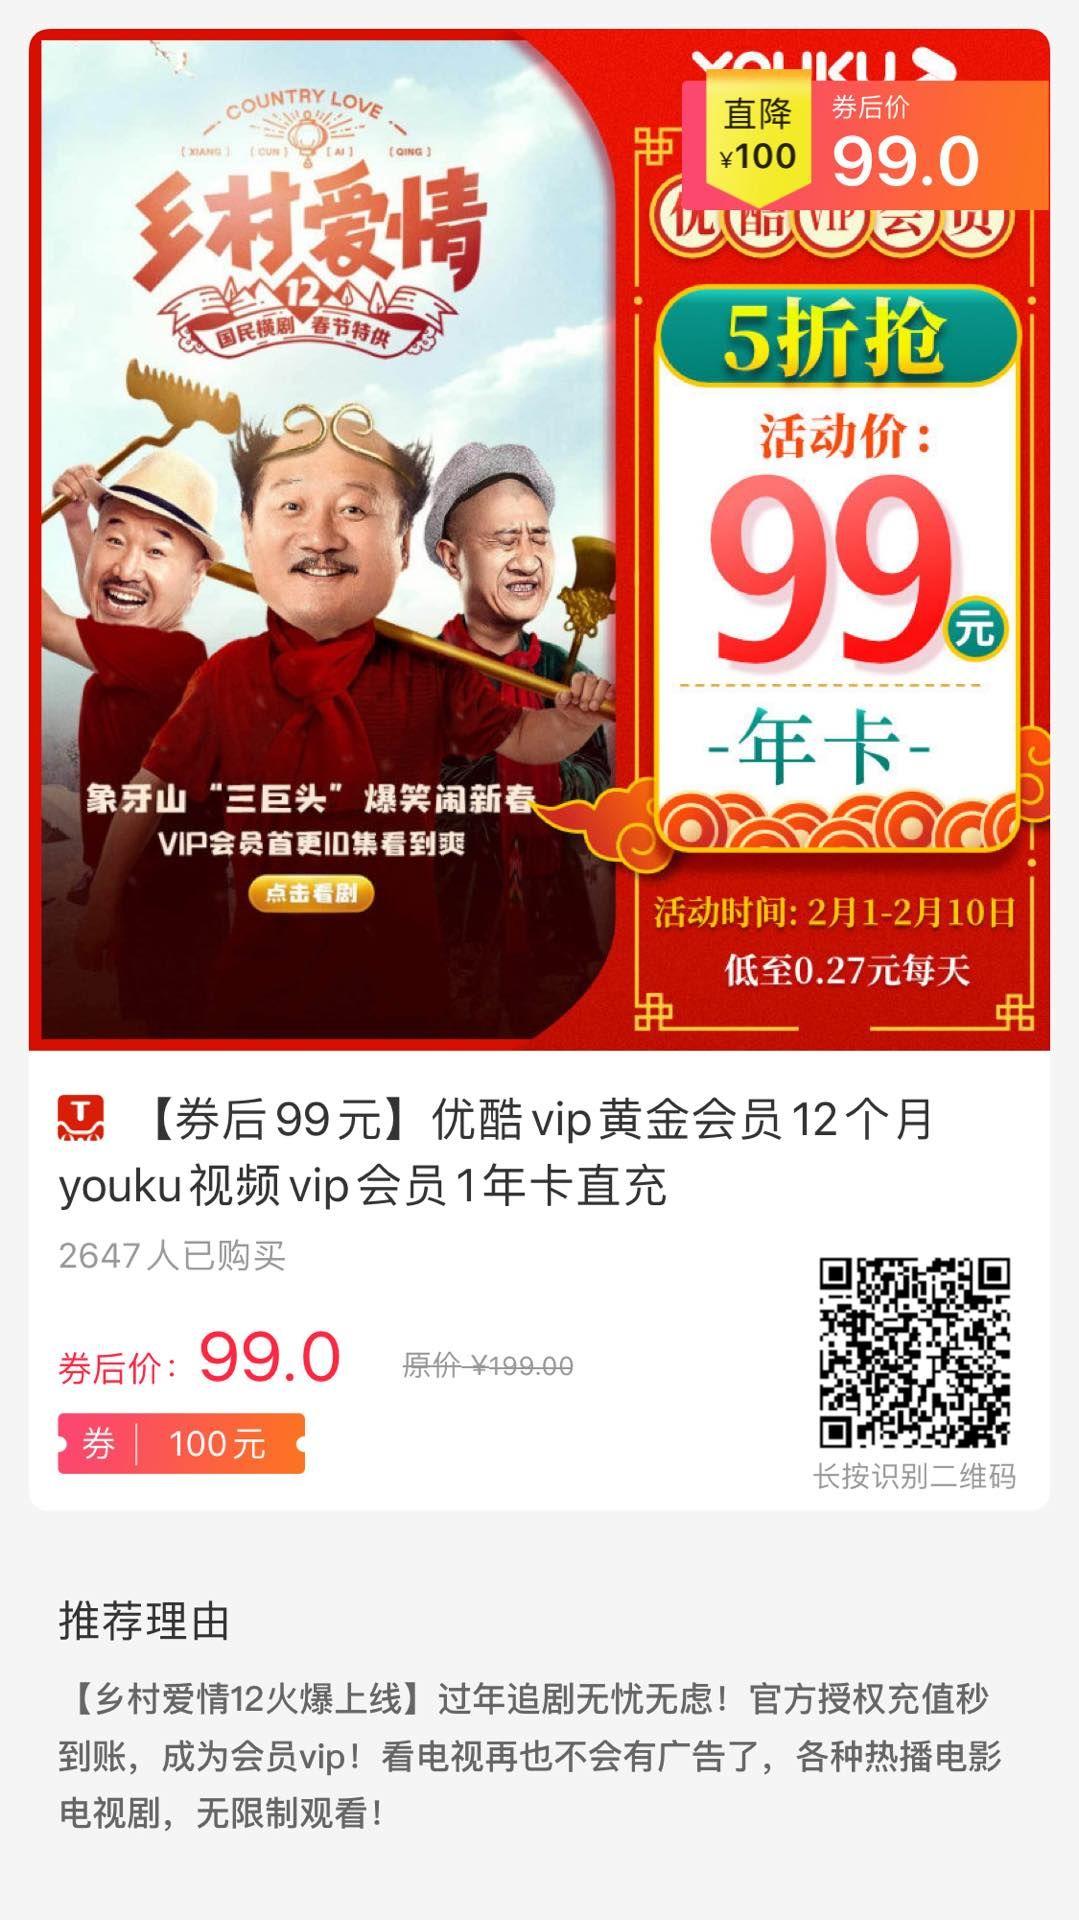 【活动】优酷黄金会员99元一年-五折会员网